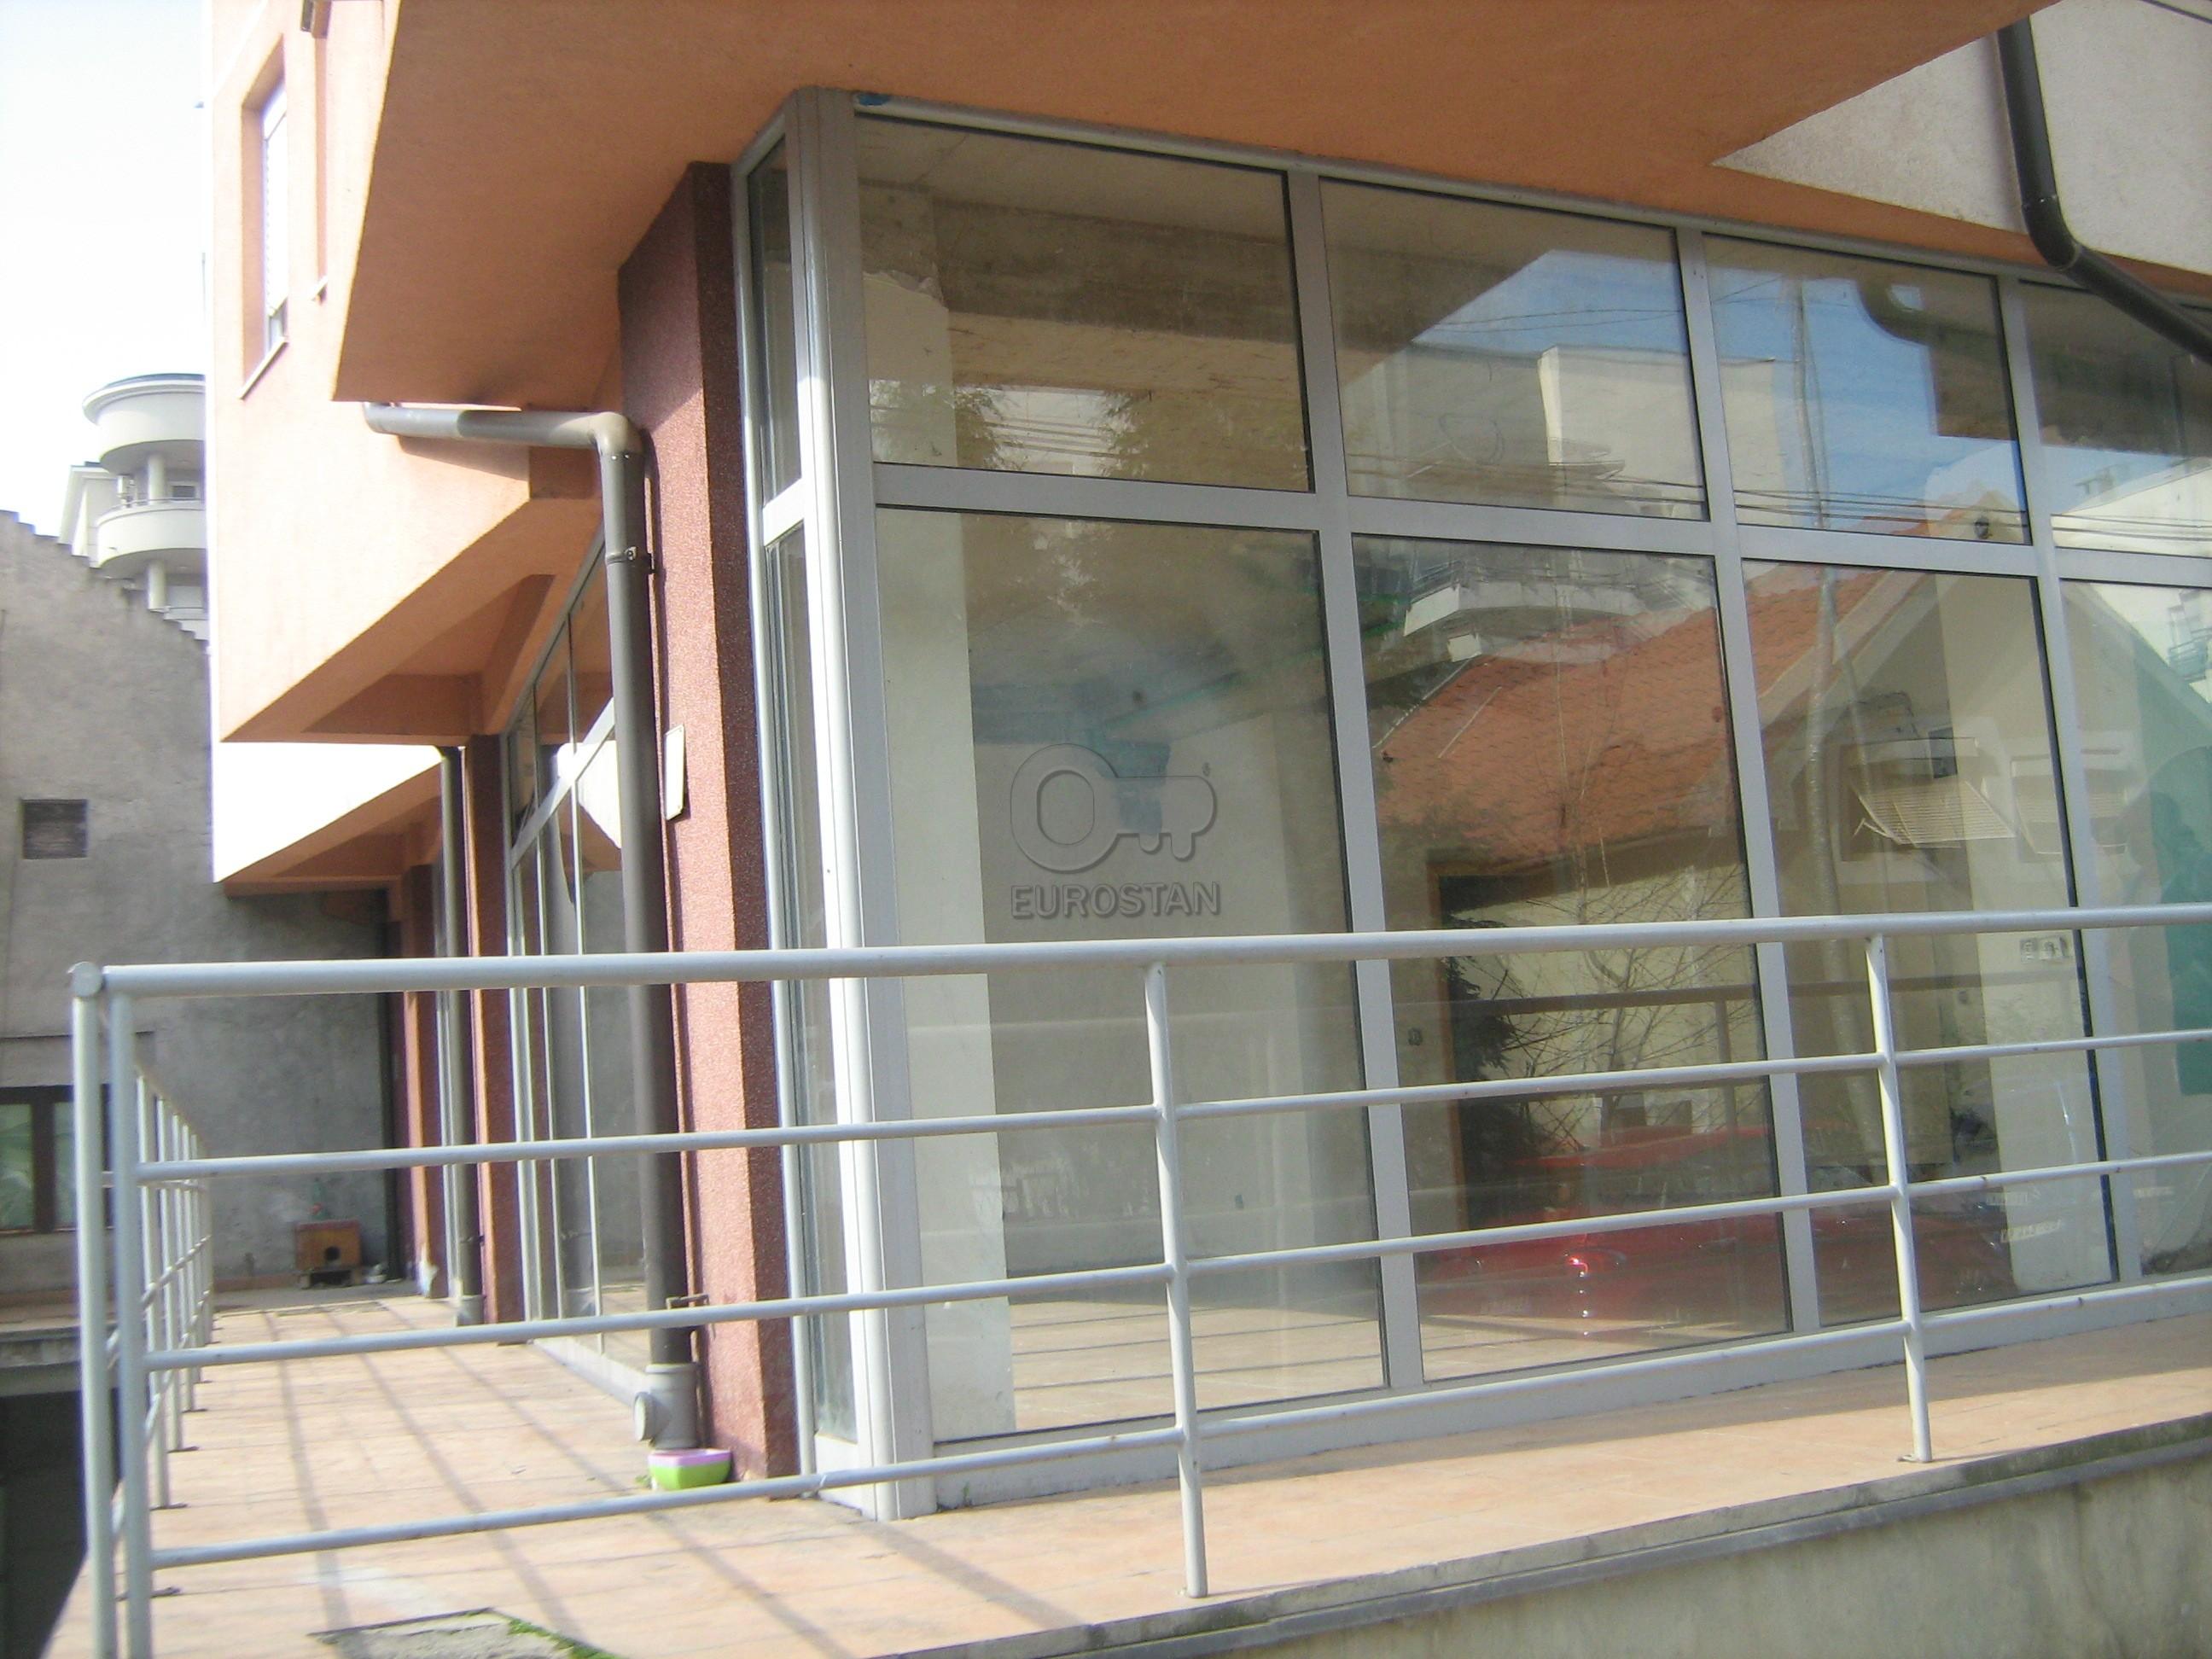 Poslovni prostor VOJVODE STEPE 37400 EUR